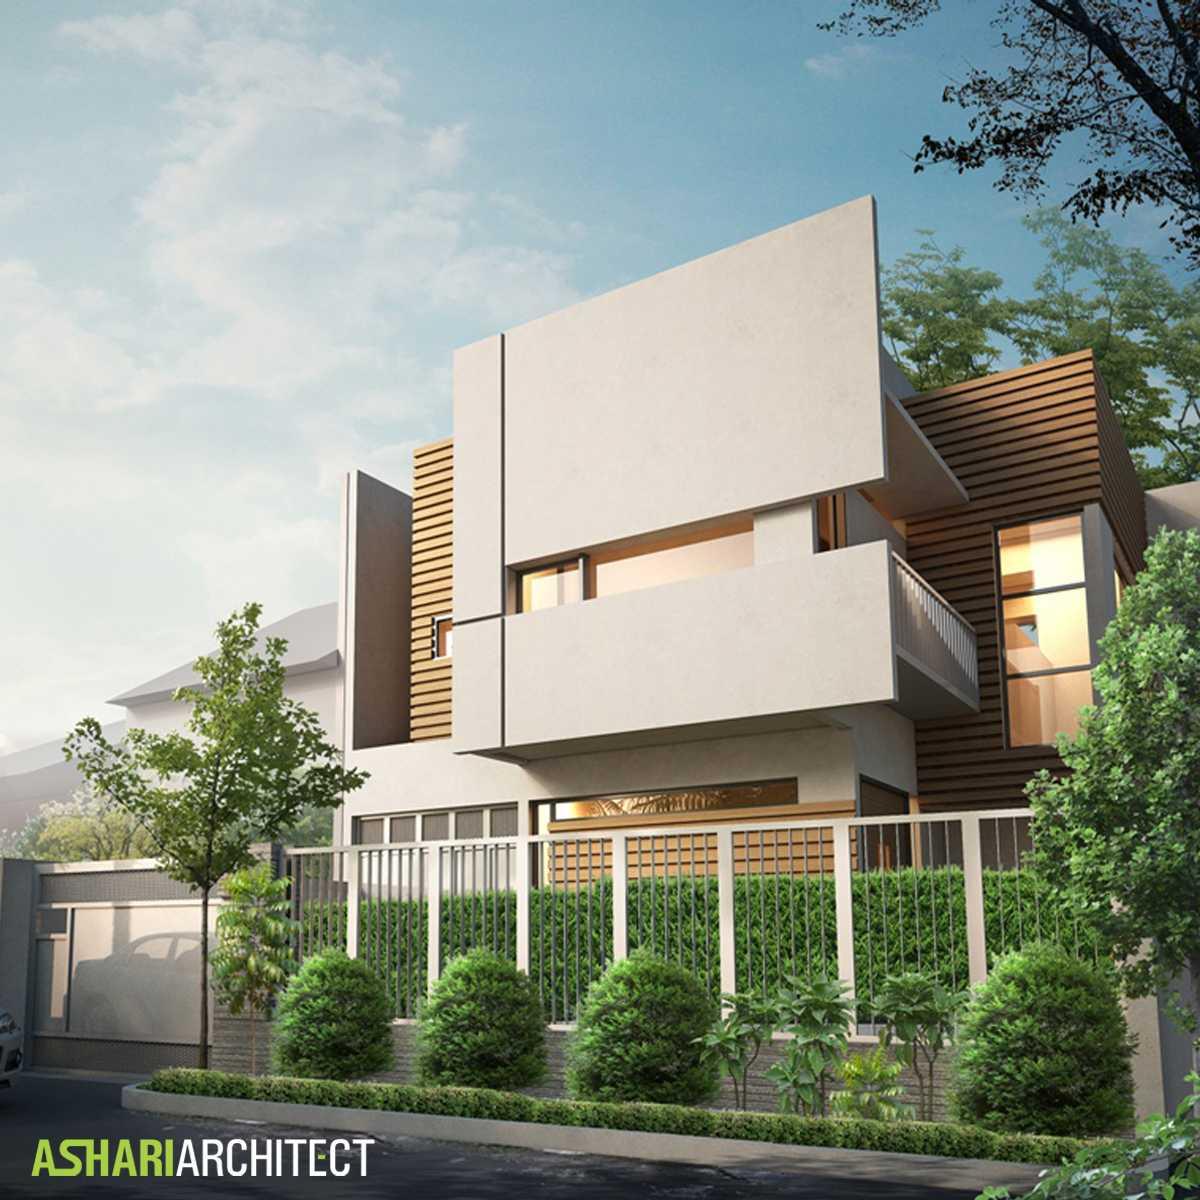 Ide Warna Tampak Depan Rumah Minimalis Trend 2017 2018 Arsitag